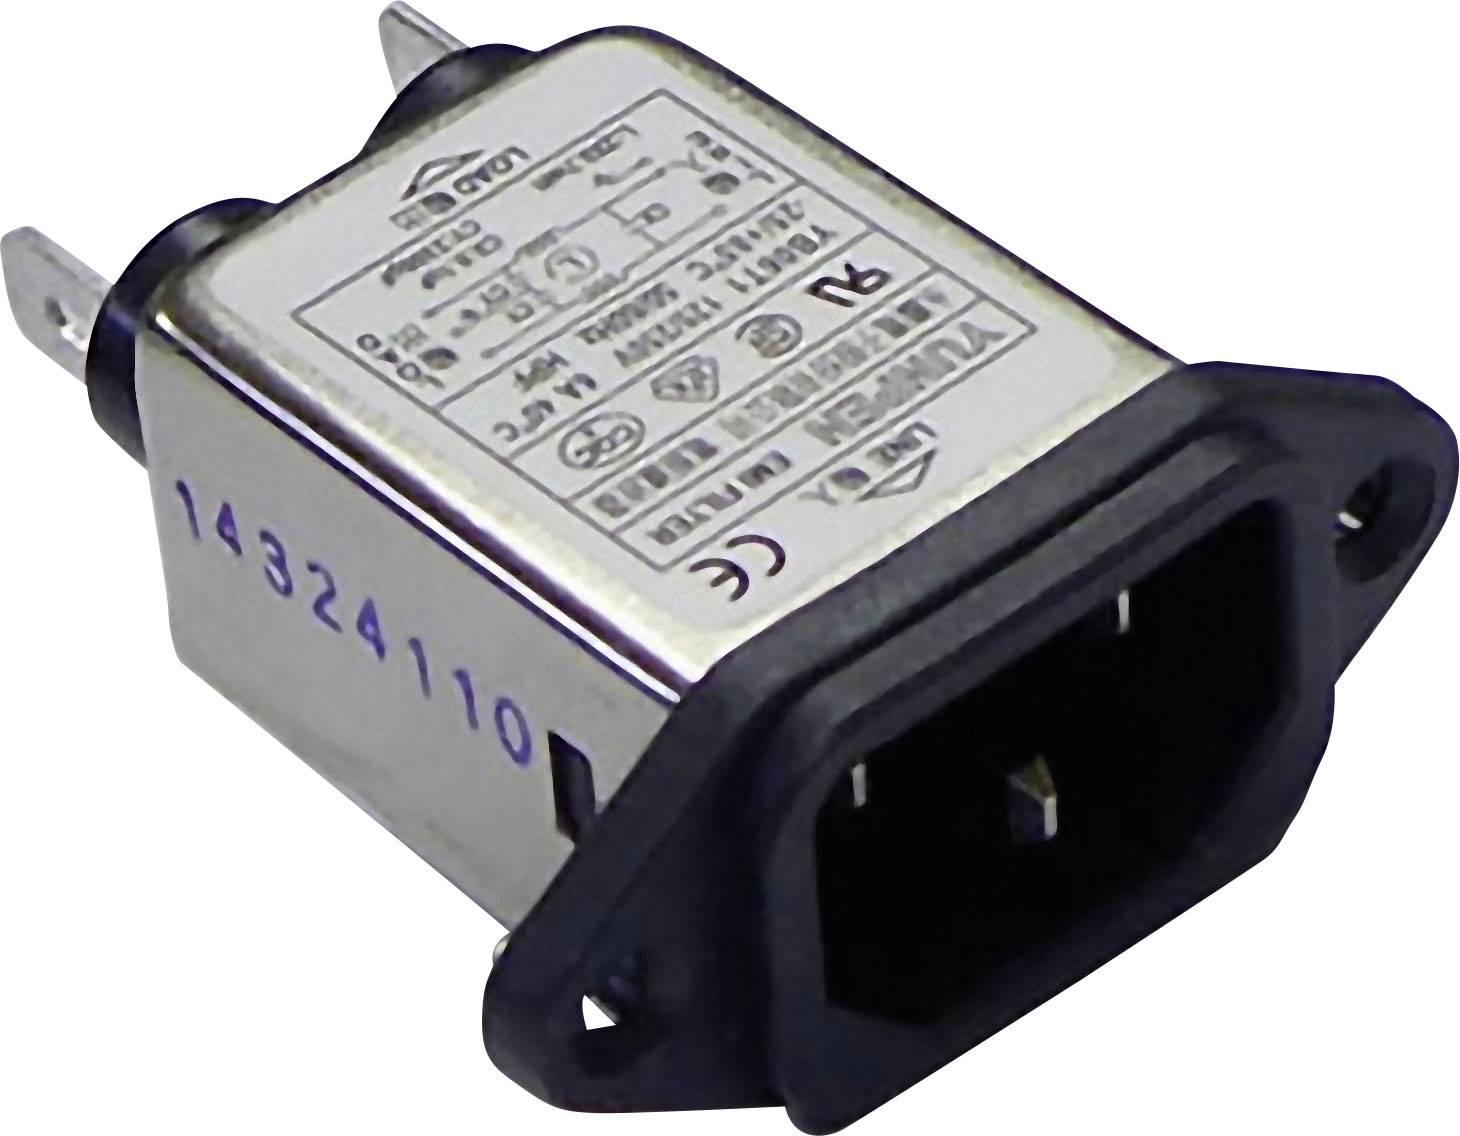 Sieťový filter Yunpen YB06T1 515051, s IEC zásuvkou, 250 V/AC, 6 A, 0.7 mH, (d x š x v) 57 x 25.25 x 52.3 mm, 1 ks